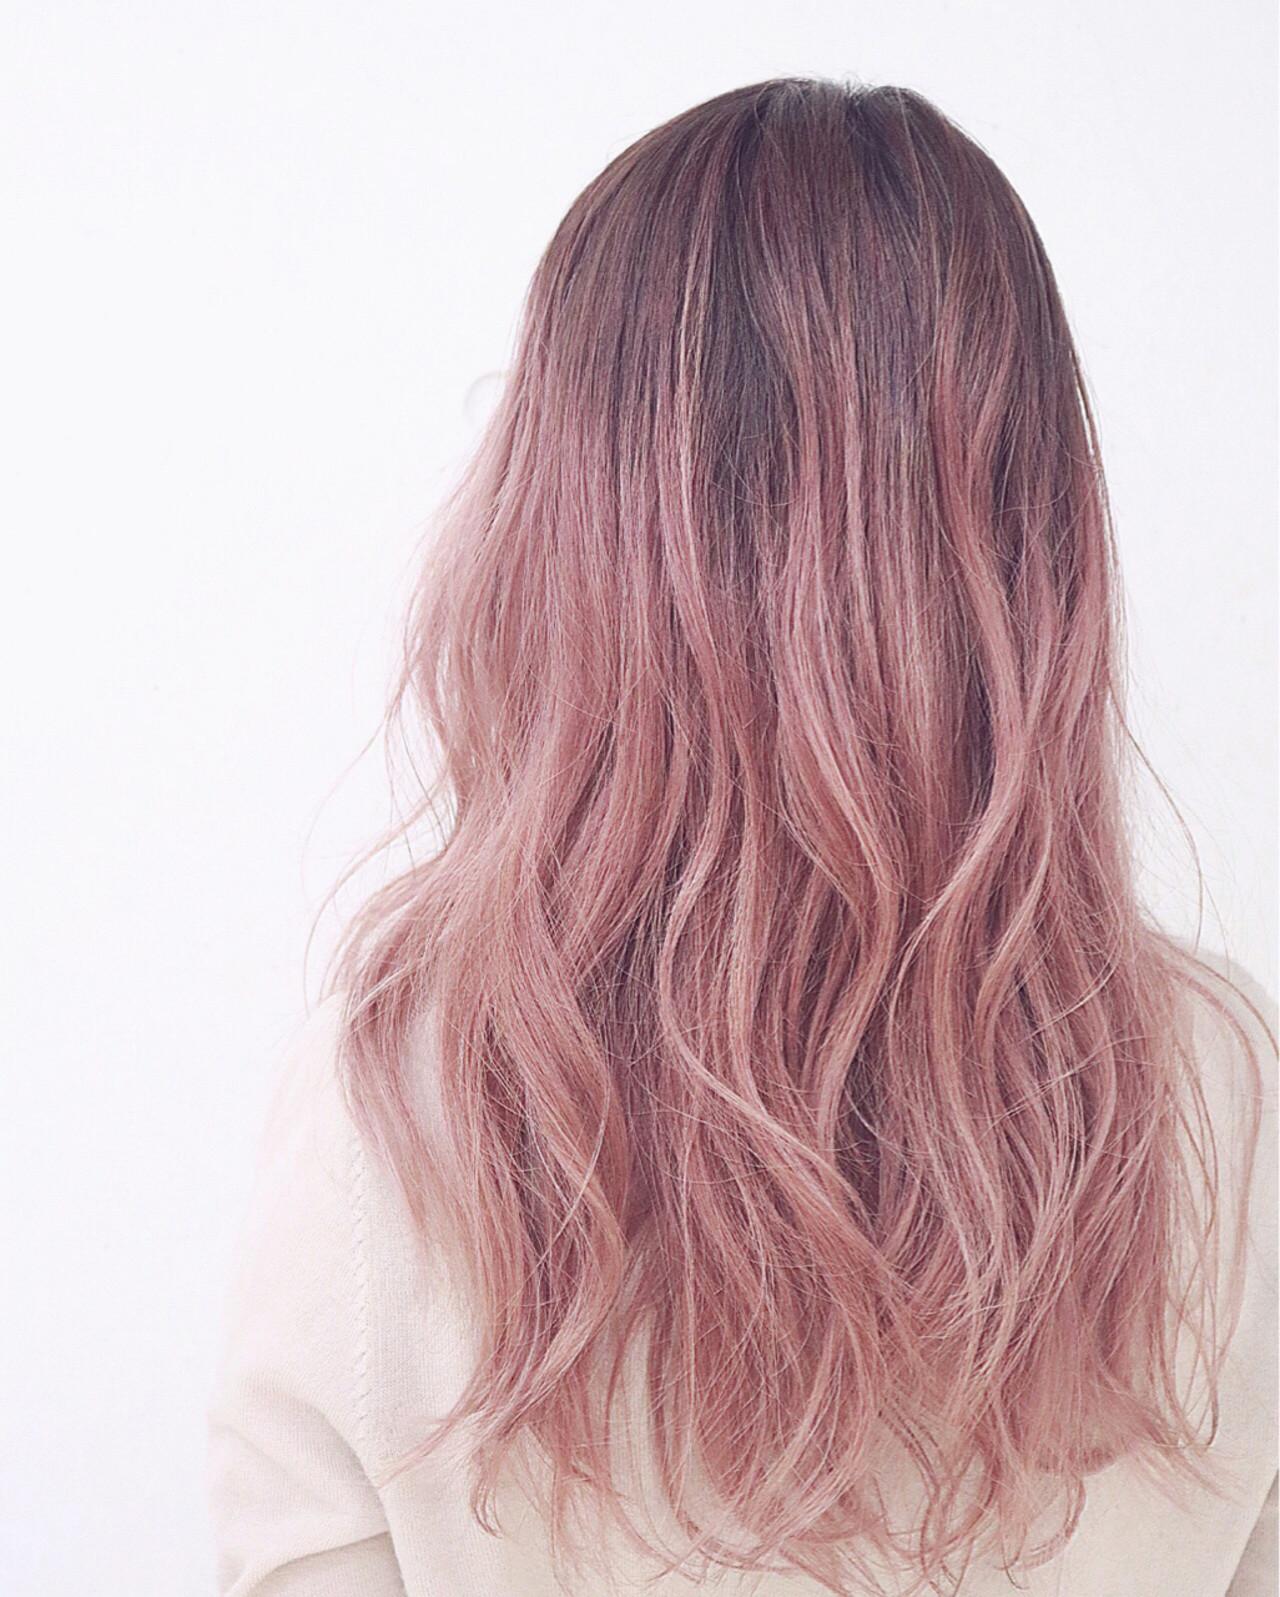 ストリート ピンク 外国人風 ミディアム ヘアスタイルや髪型の写真・画像 | RUMINA //高田ゆみこ / Rumina